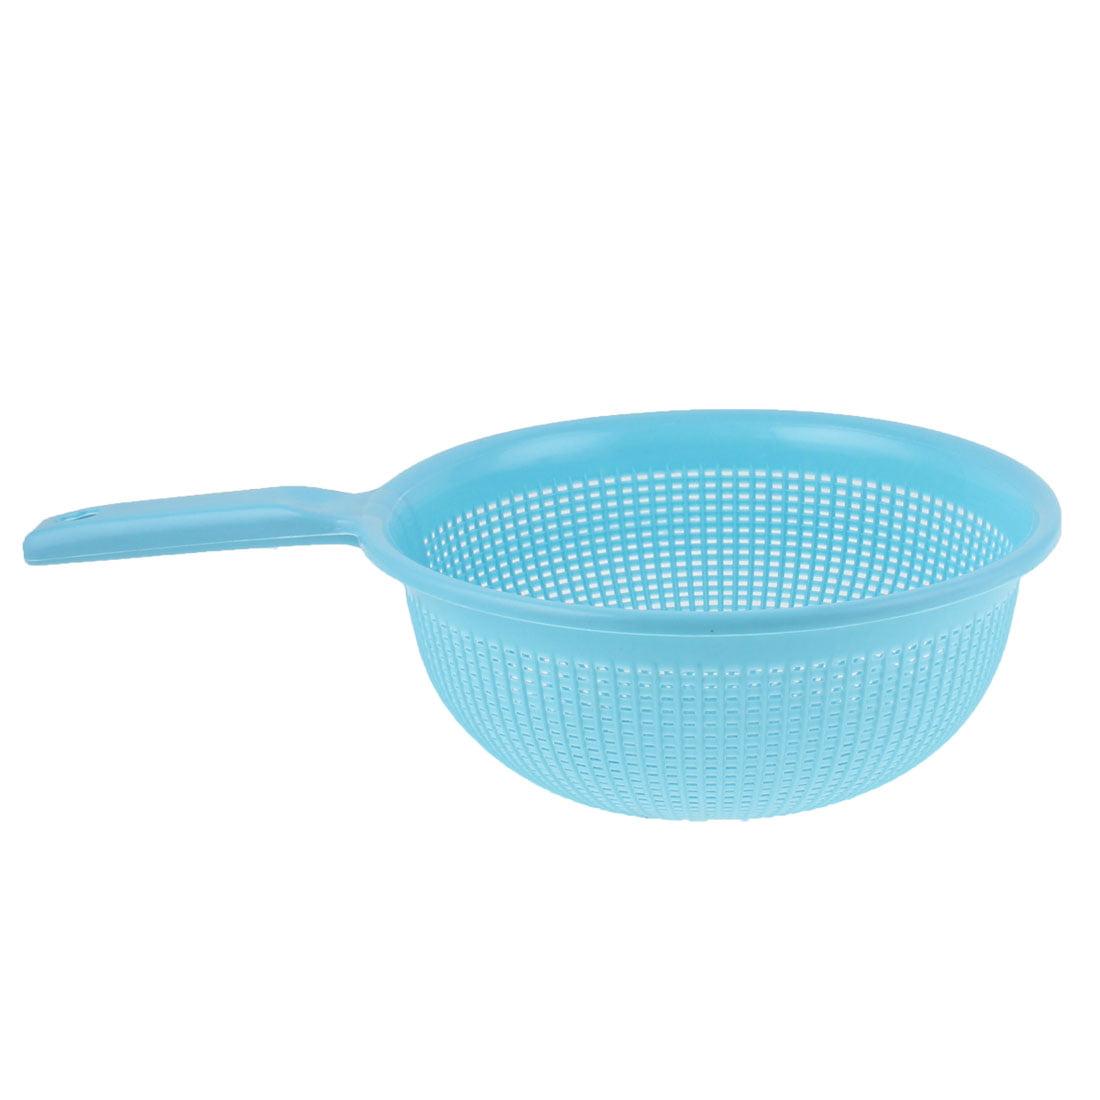 Kitchen Spoon Shape Vegetable Rice Drain Basket Colander Strainer by Unique-Bargains